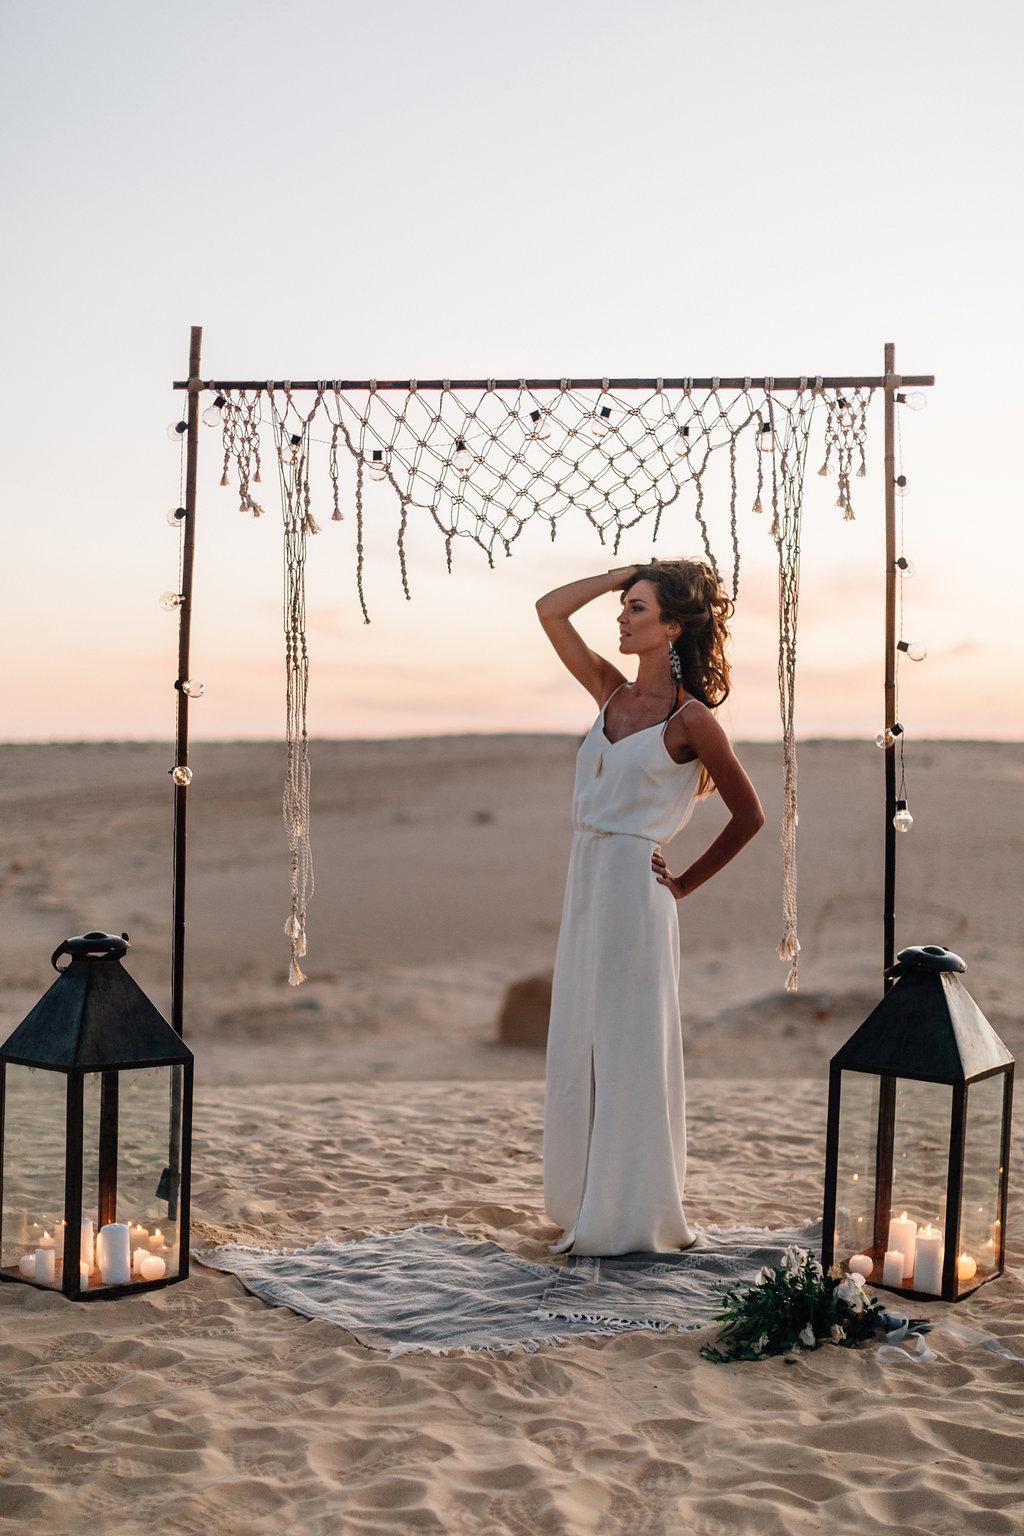 Make My Wed | wedding planner designer officiant de cérémonie laïque | France, Tunisie | La Mariée Sous Les Etoiles | Crédit Pierre Atelier